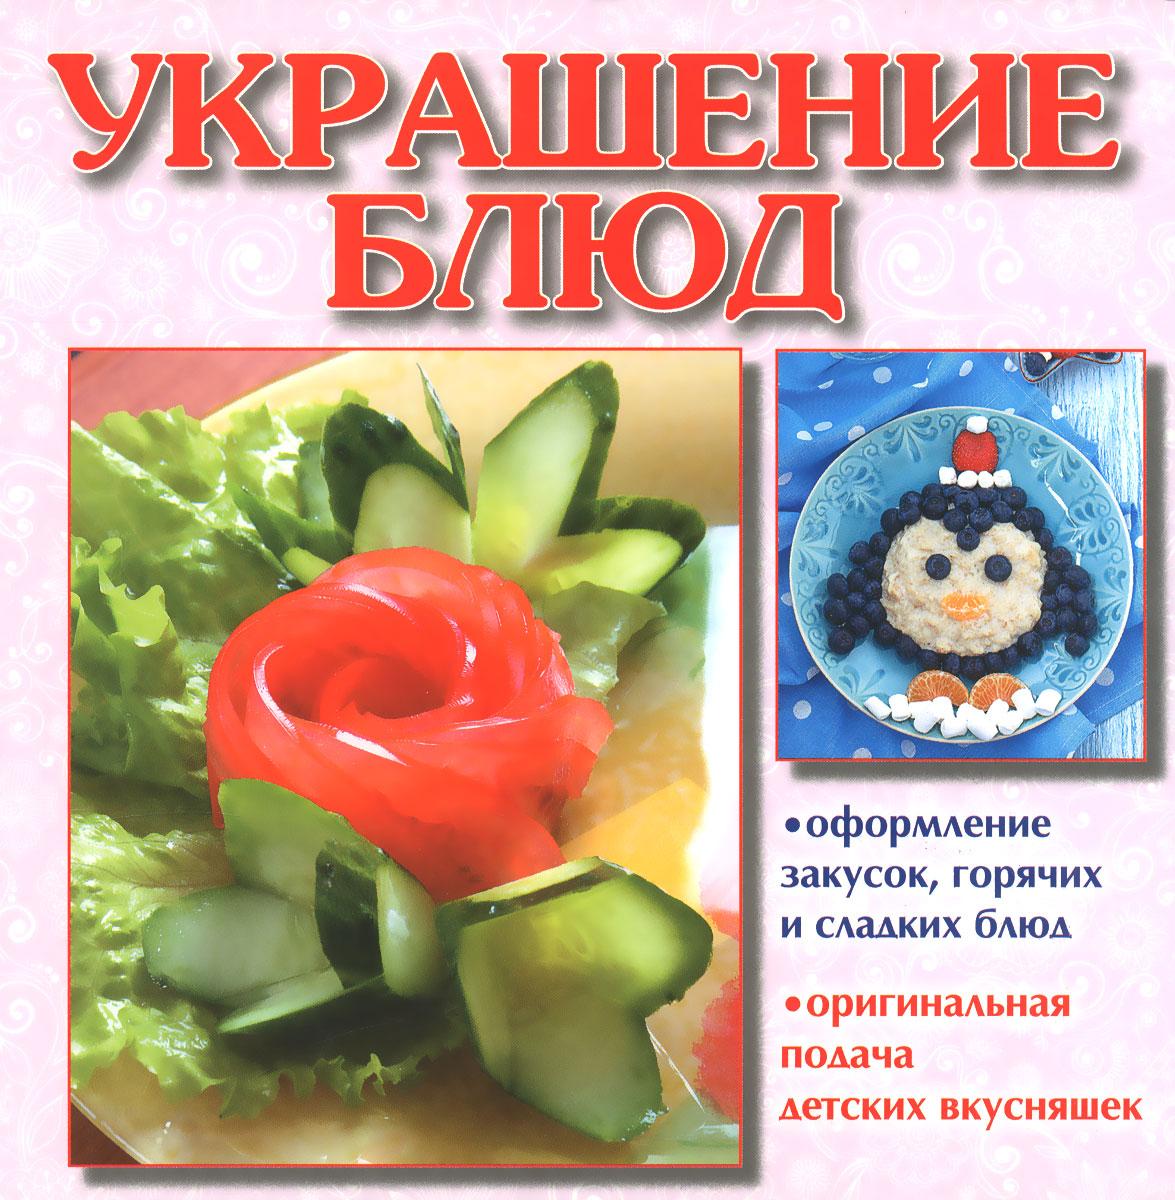 Украшение блюд ( 978-5-4346-0388-1 )